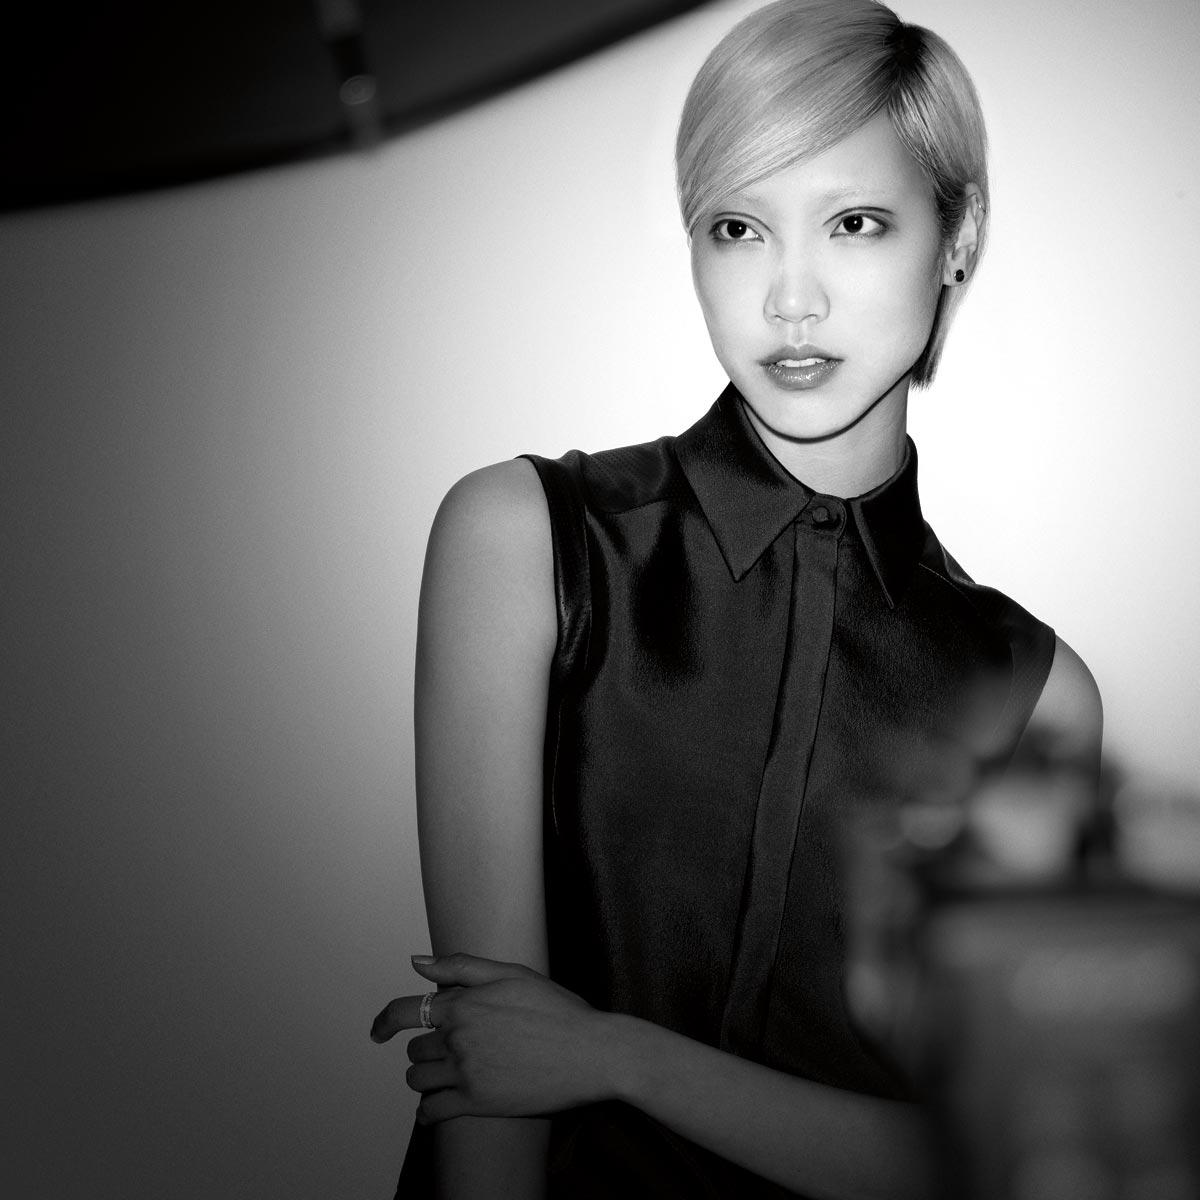 Soo Joo Park je nejnovější múza značky Redken. (Foto: Matt Irwin)